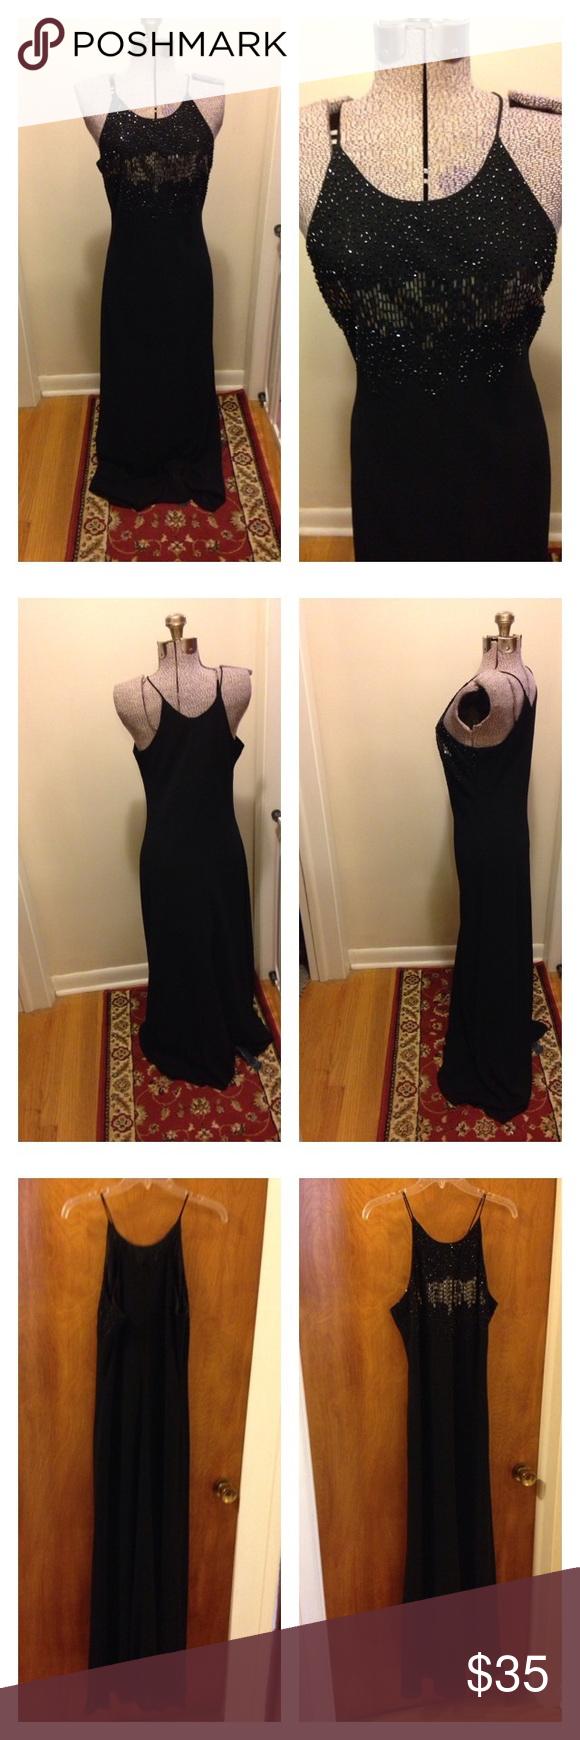 Cachet Long Black Dress Size 12 Long Black Dress Cachet Dress Clothes Design [ 1740 x 580 Pixel ]